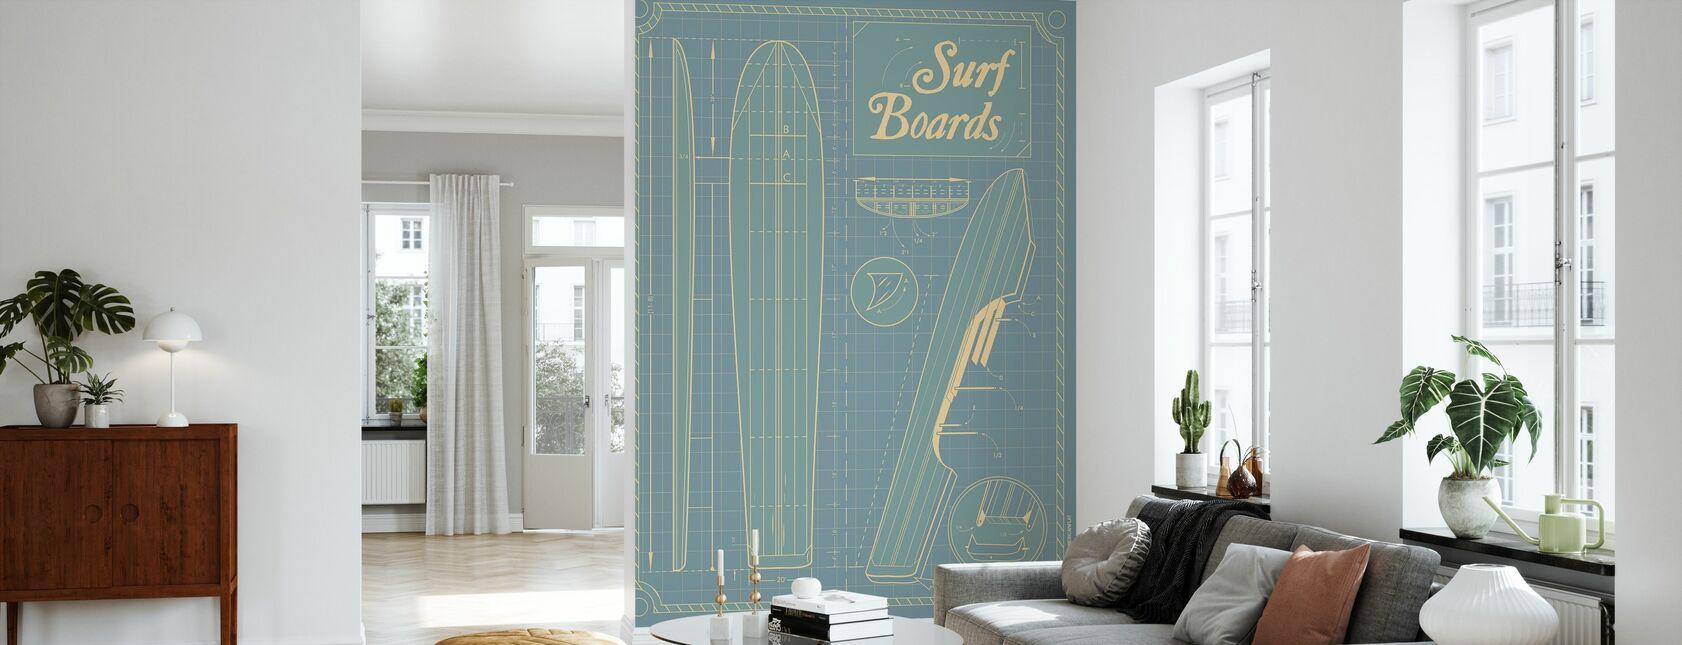 Surf Boards - Wallpaper - Living Room